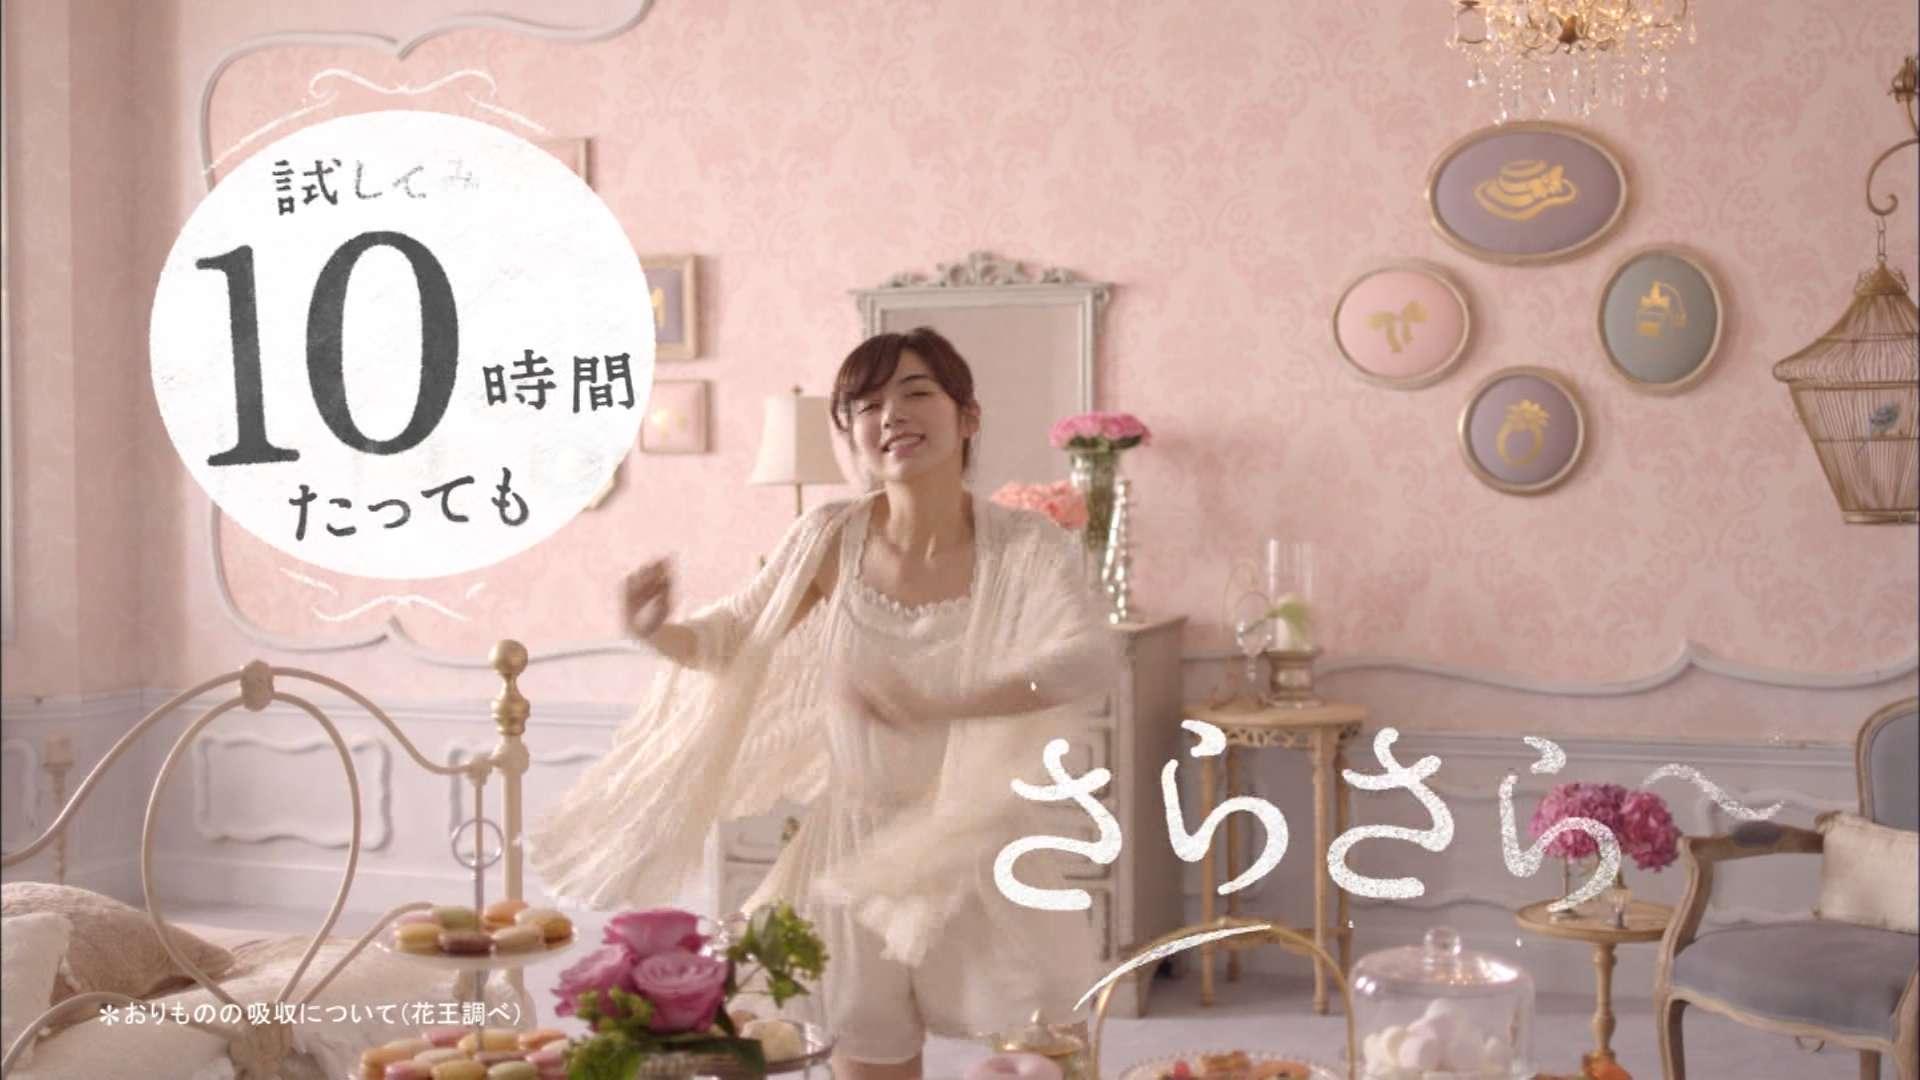 池田エライザ 画像12